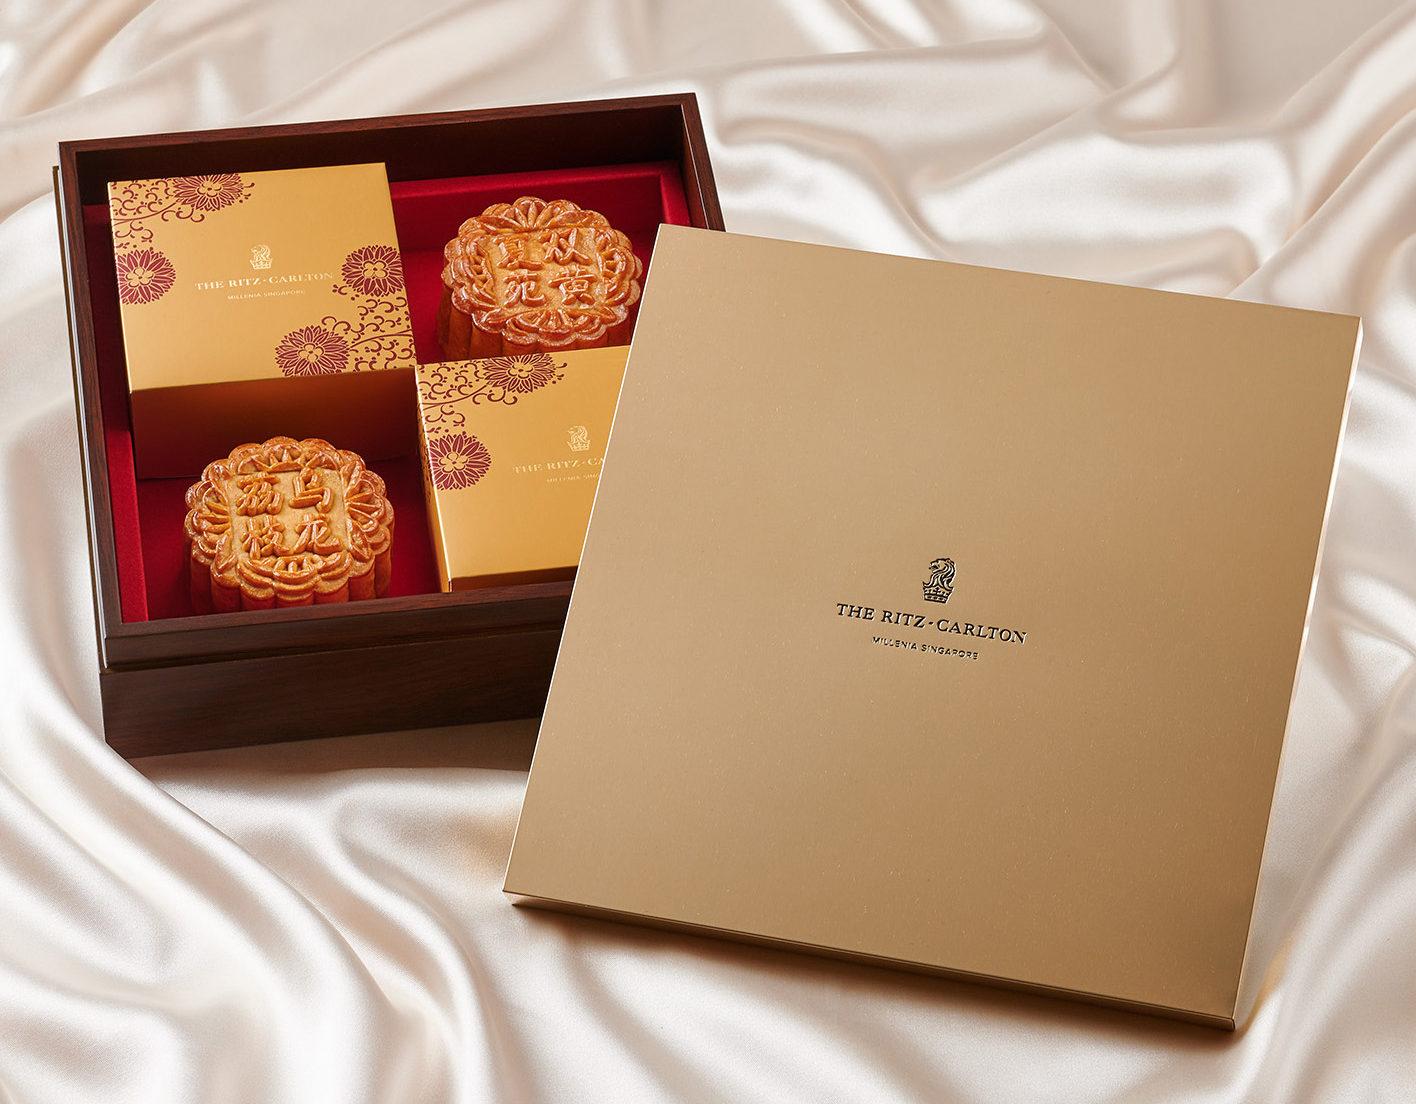 The Ritz-Carlton Millenia Singapore Mooncake Box